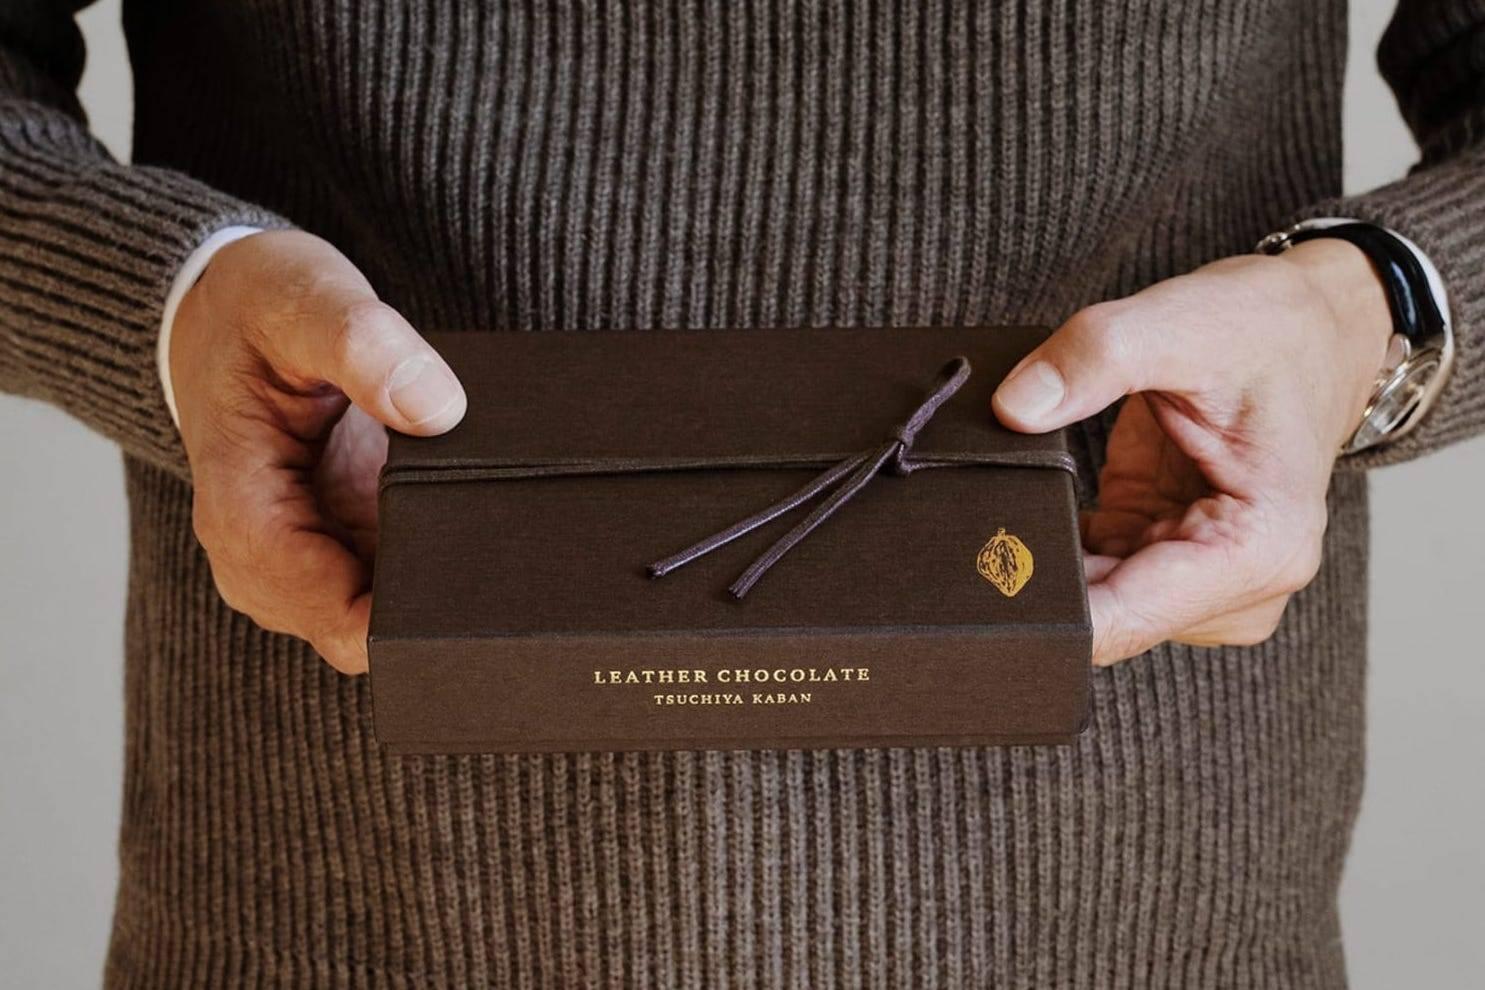 """土屋鞄製造所为情人节准备了一份饱含浓情蜜意的""""巧克力礼盒"""""""